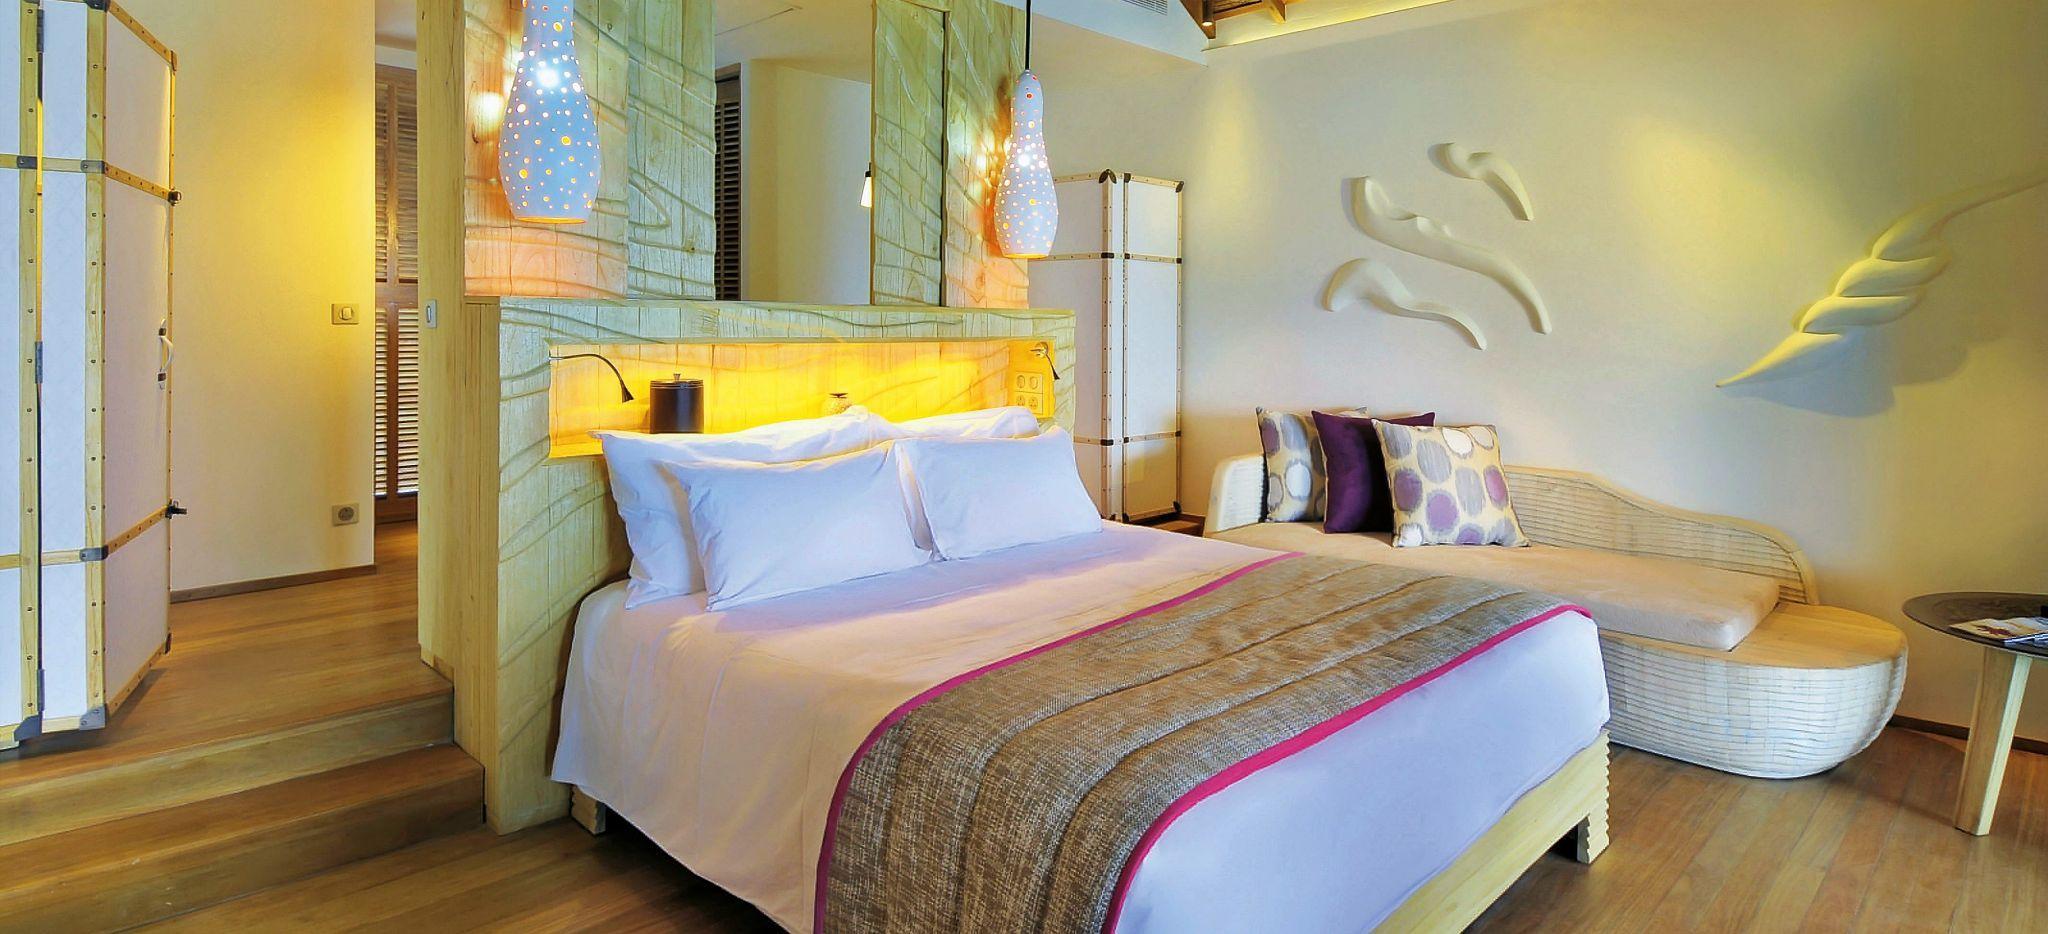 Ein luxuriöses Schlafzimmer eine Wasservilla des Hotels Constance Moofushi auf den Malediven